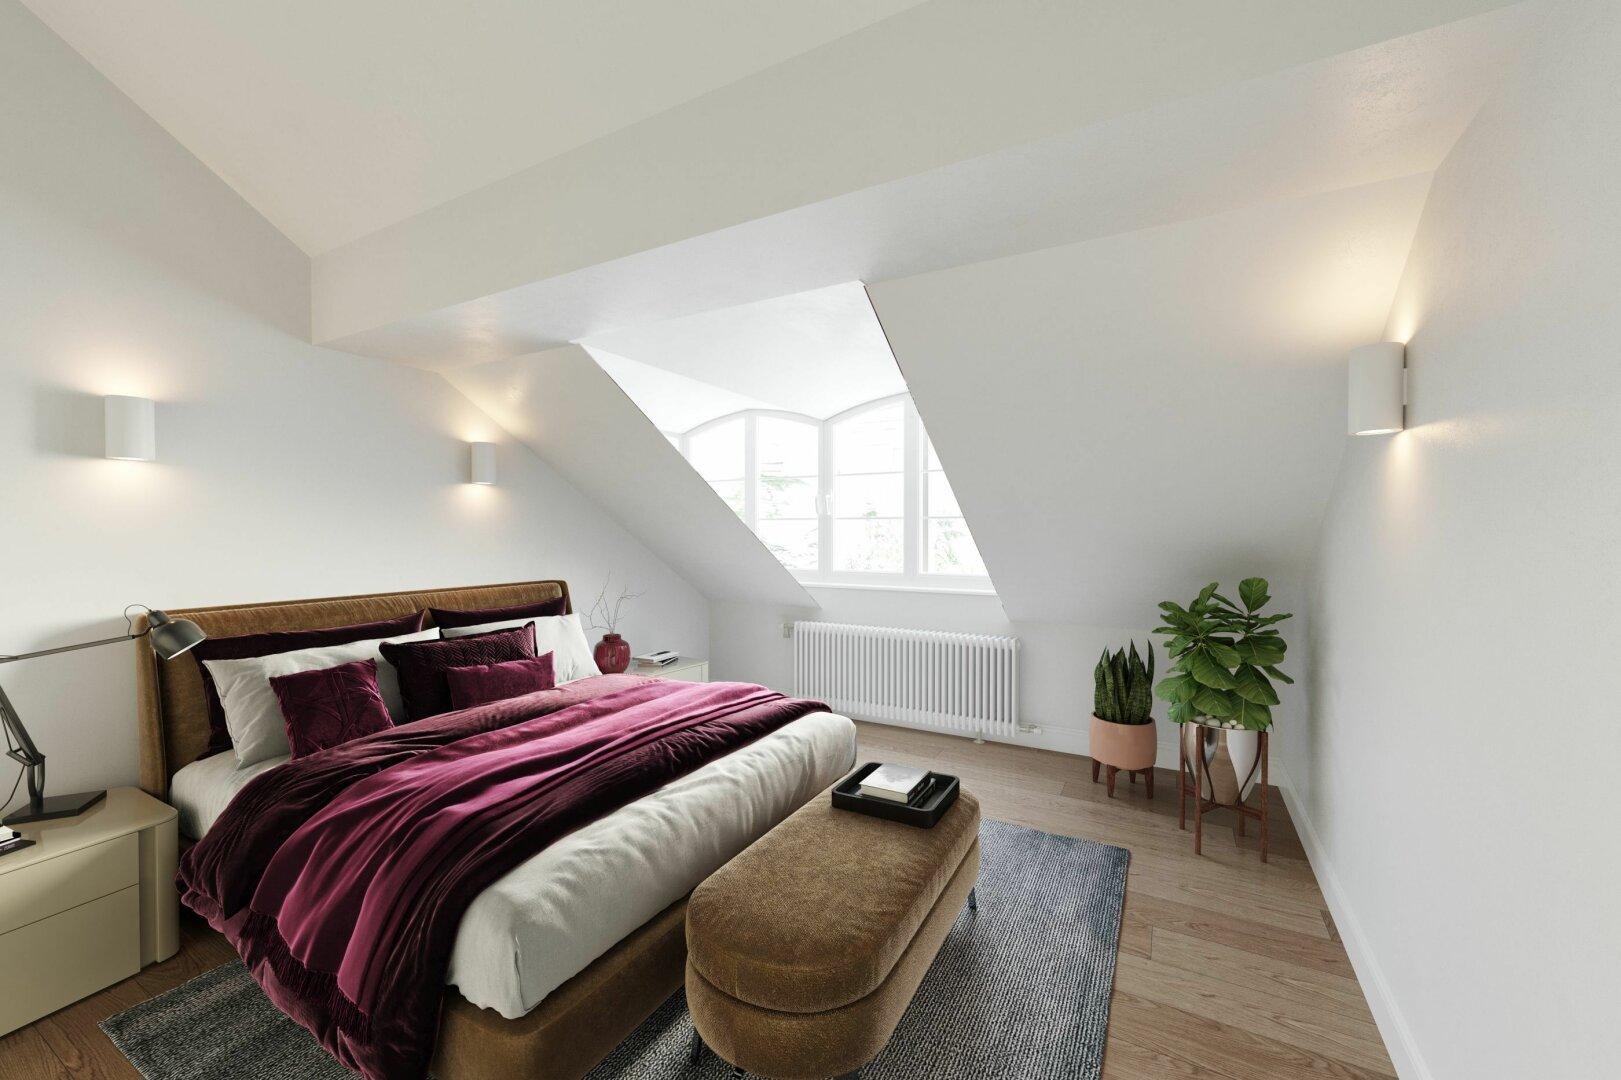 Schlafzimmer - Virtuelles Homestaging